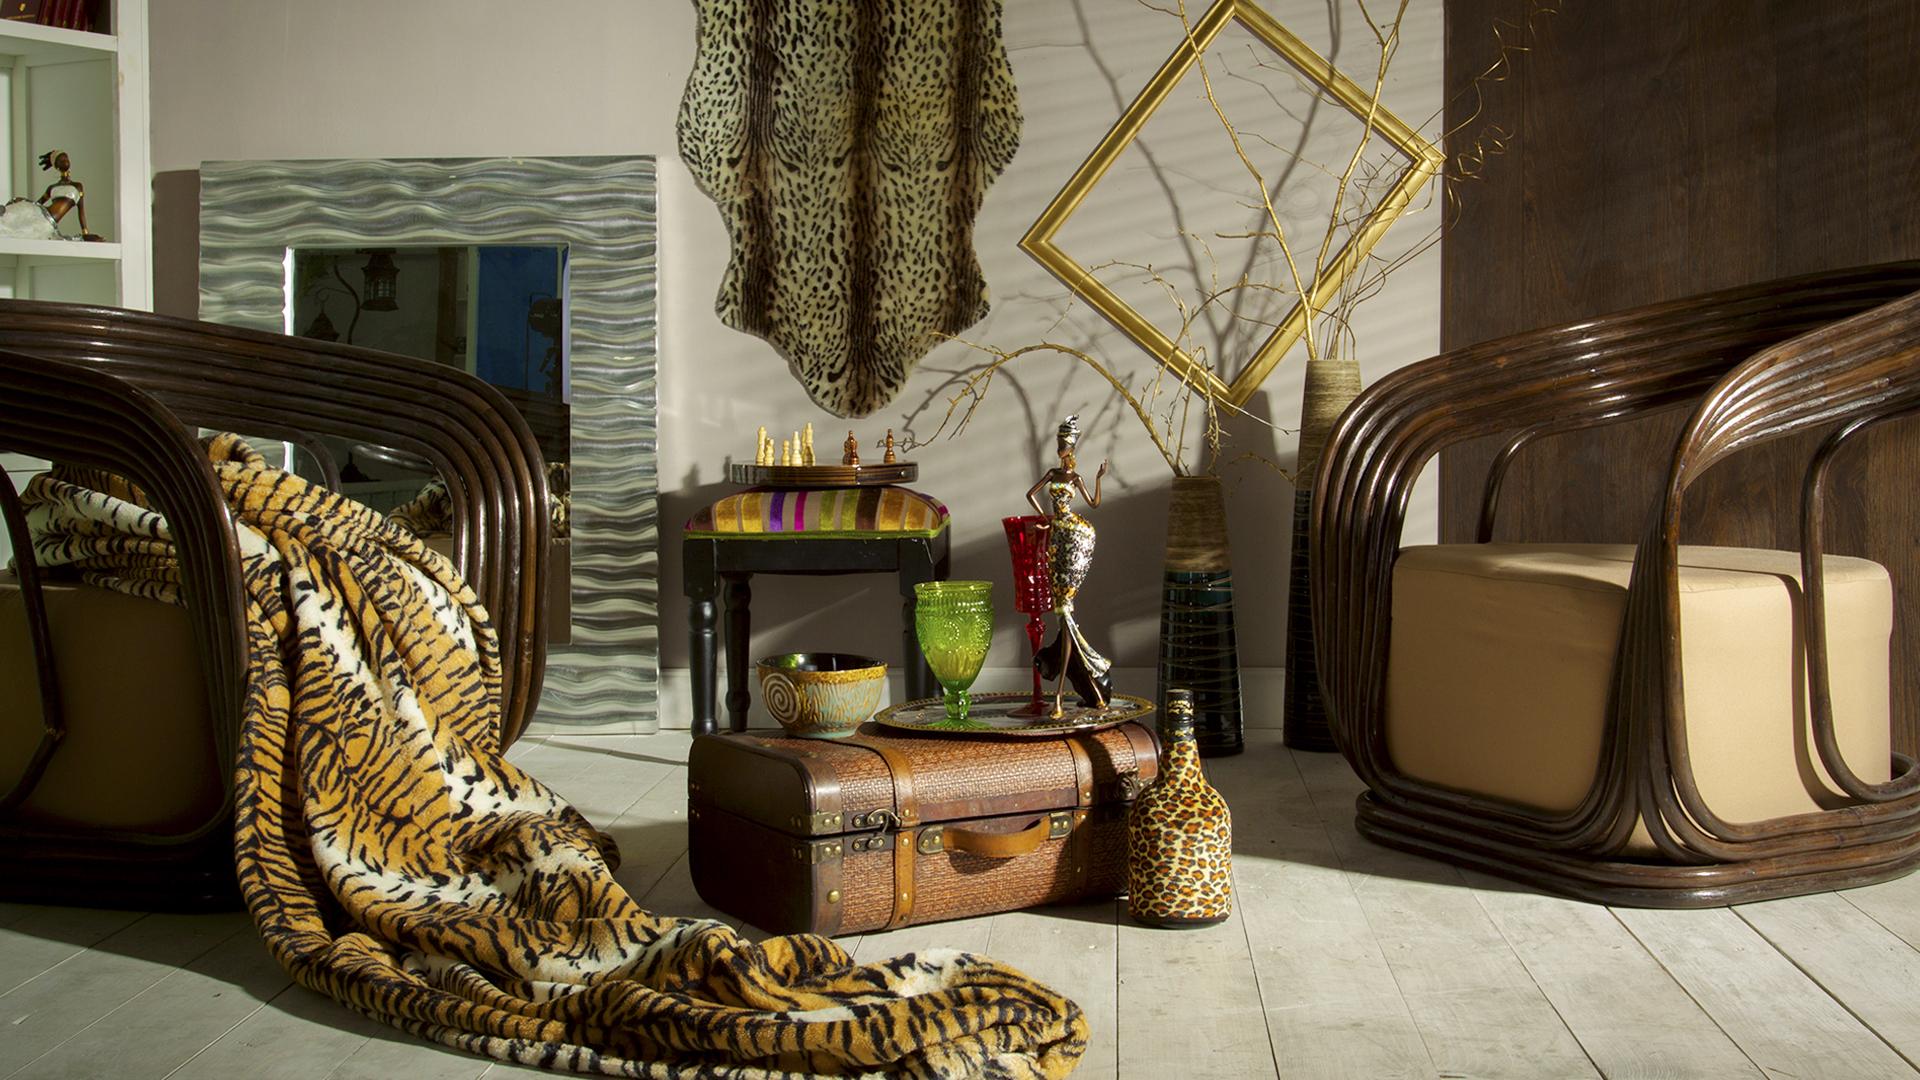 Гостиная в африканском стиле с множеством аксессуаров